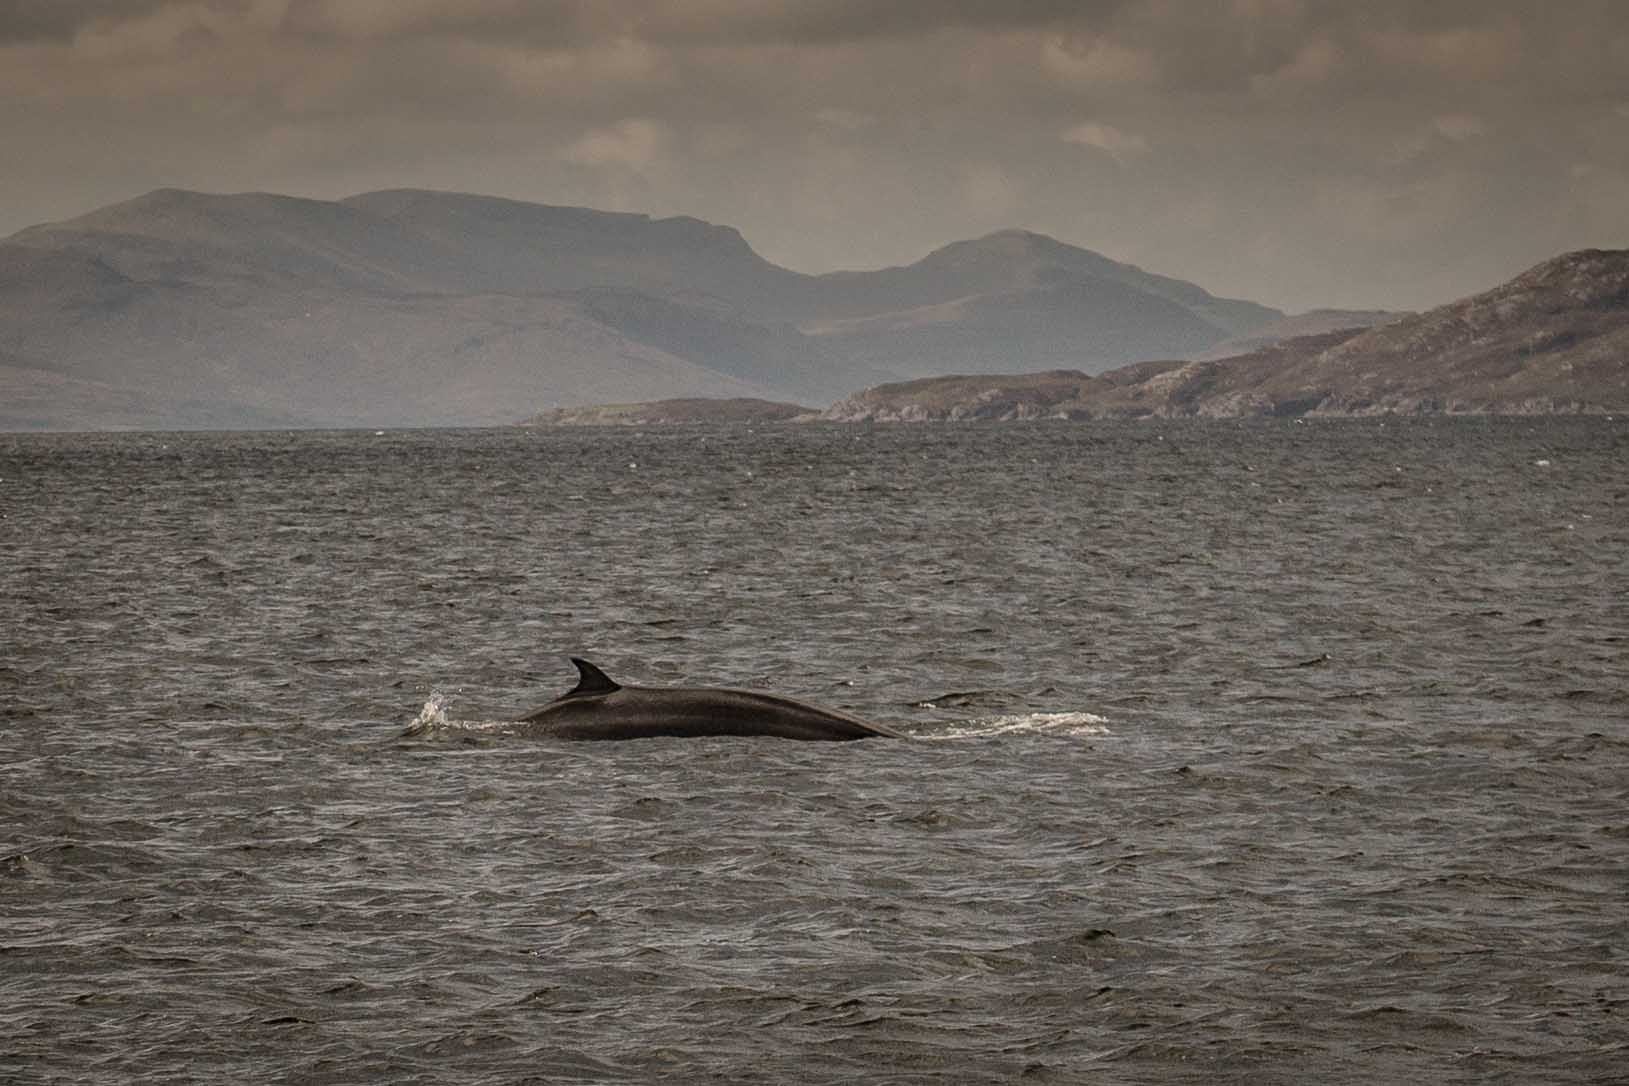 Minke whale - Loch Nevis